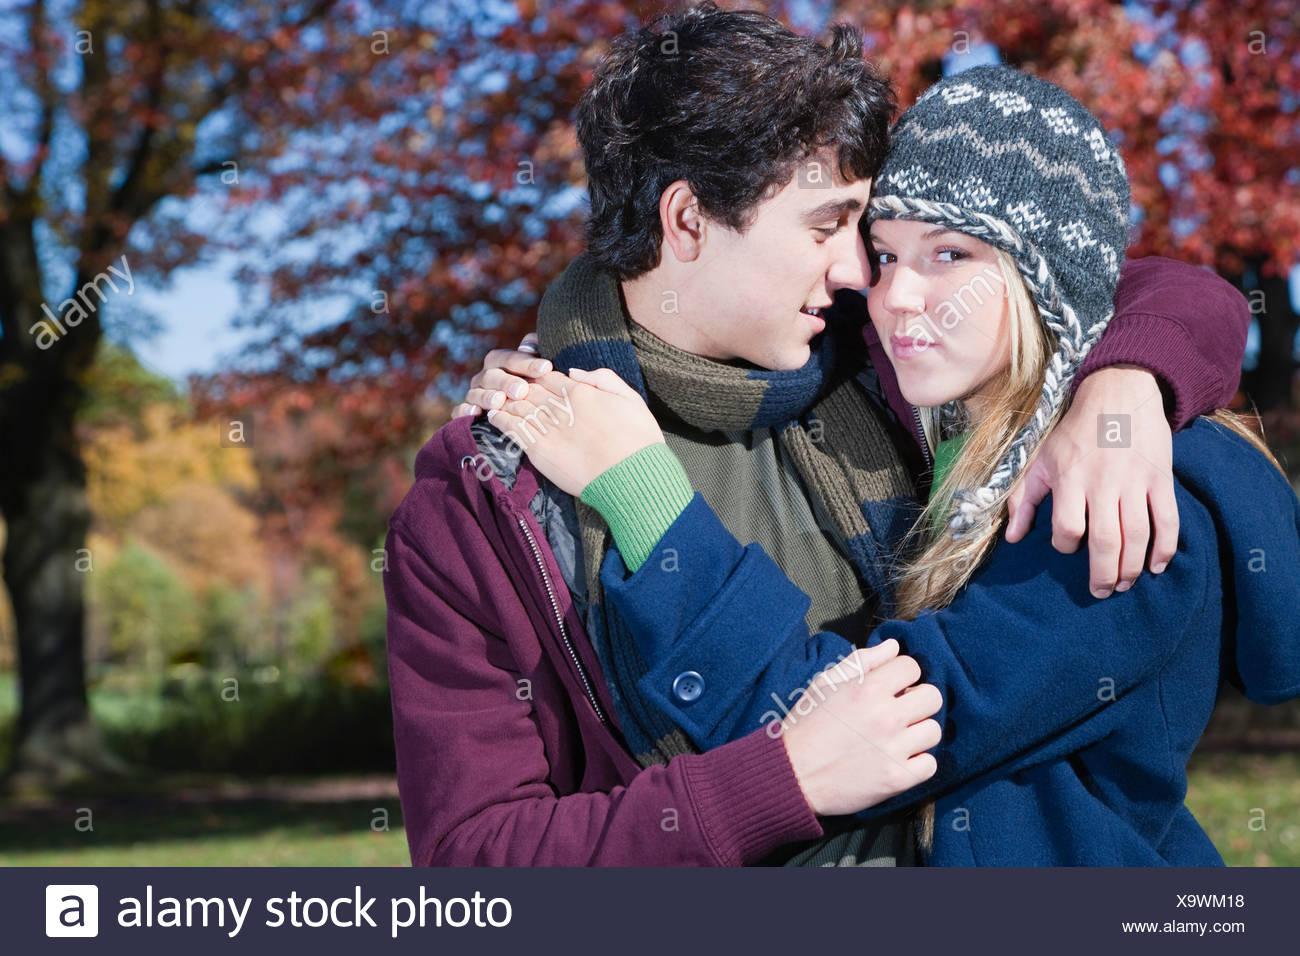 dating i college för-och nack delar